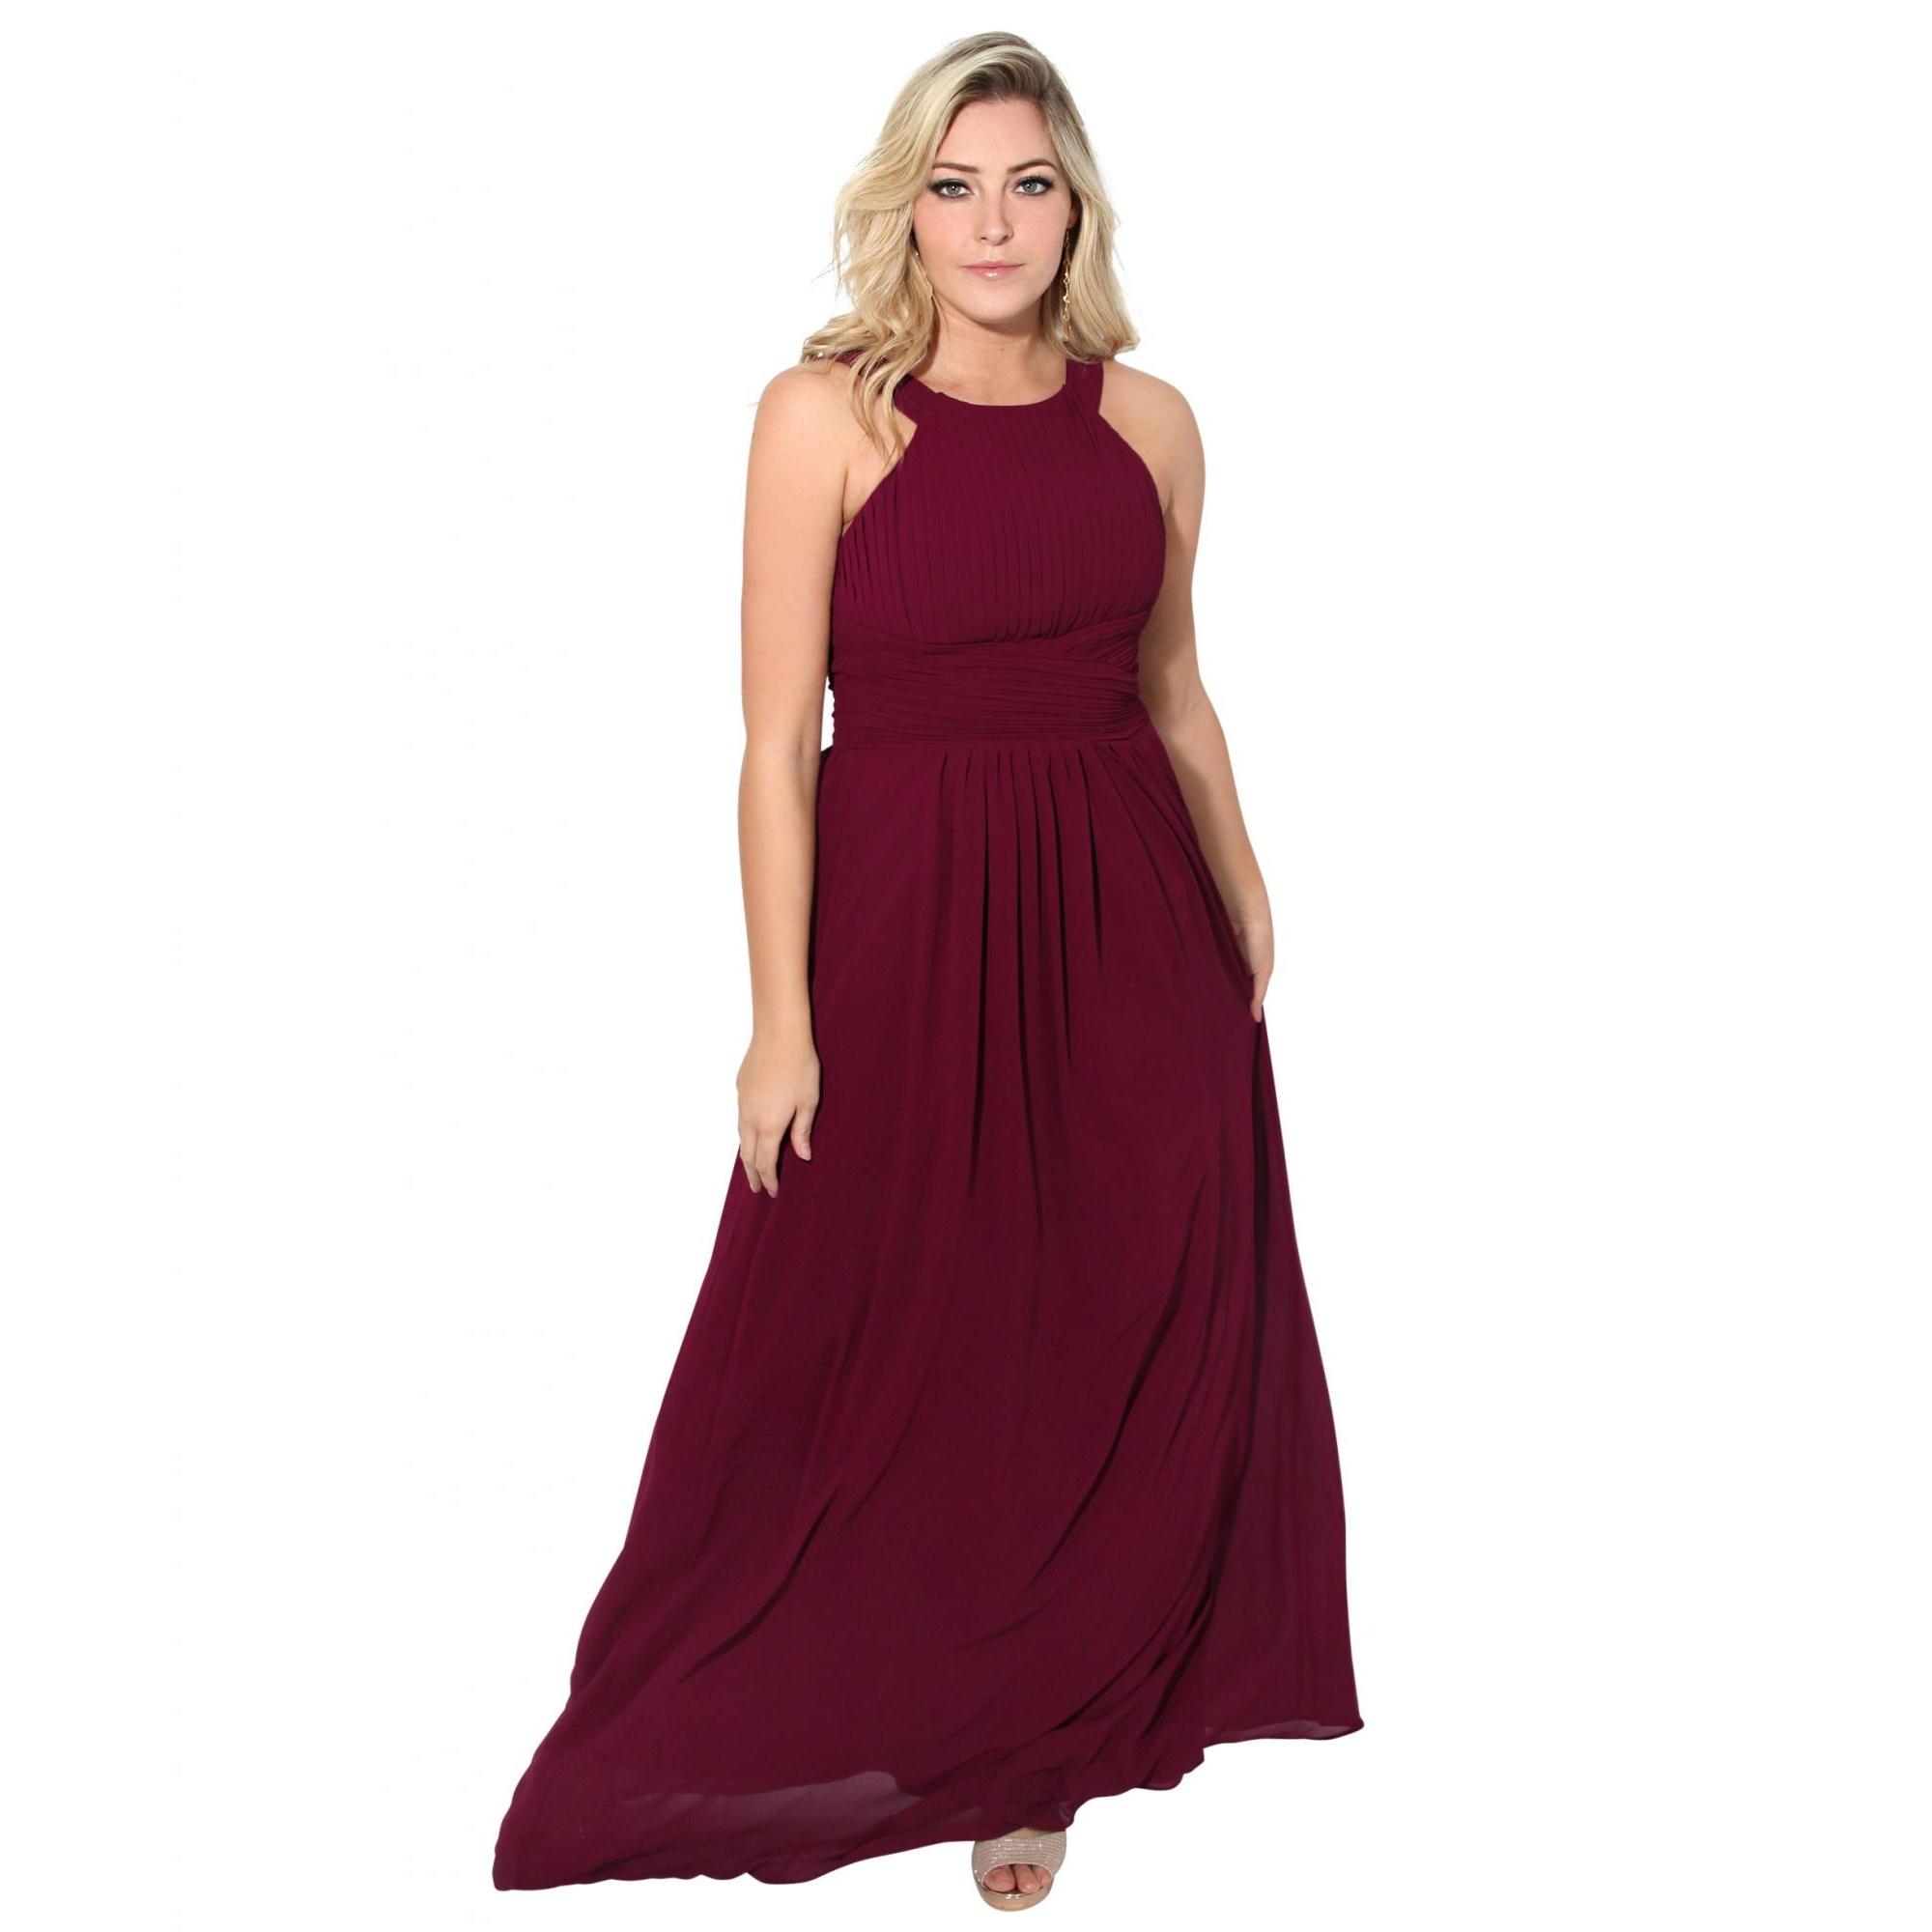 Krisp Womens/Ladies Pleated Front Chiffon Maxi Dress (18 UK) (Red)